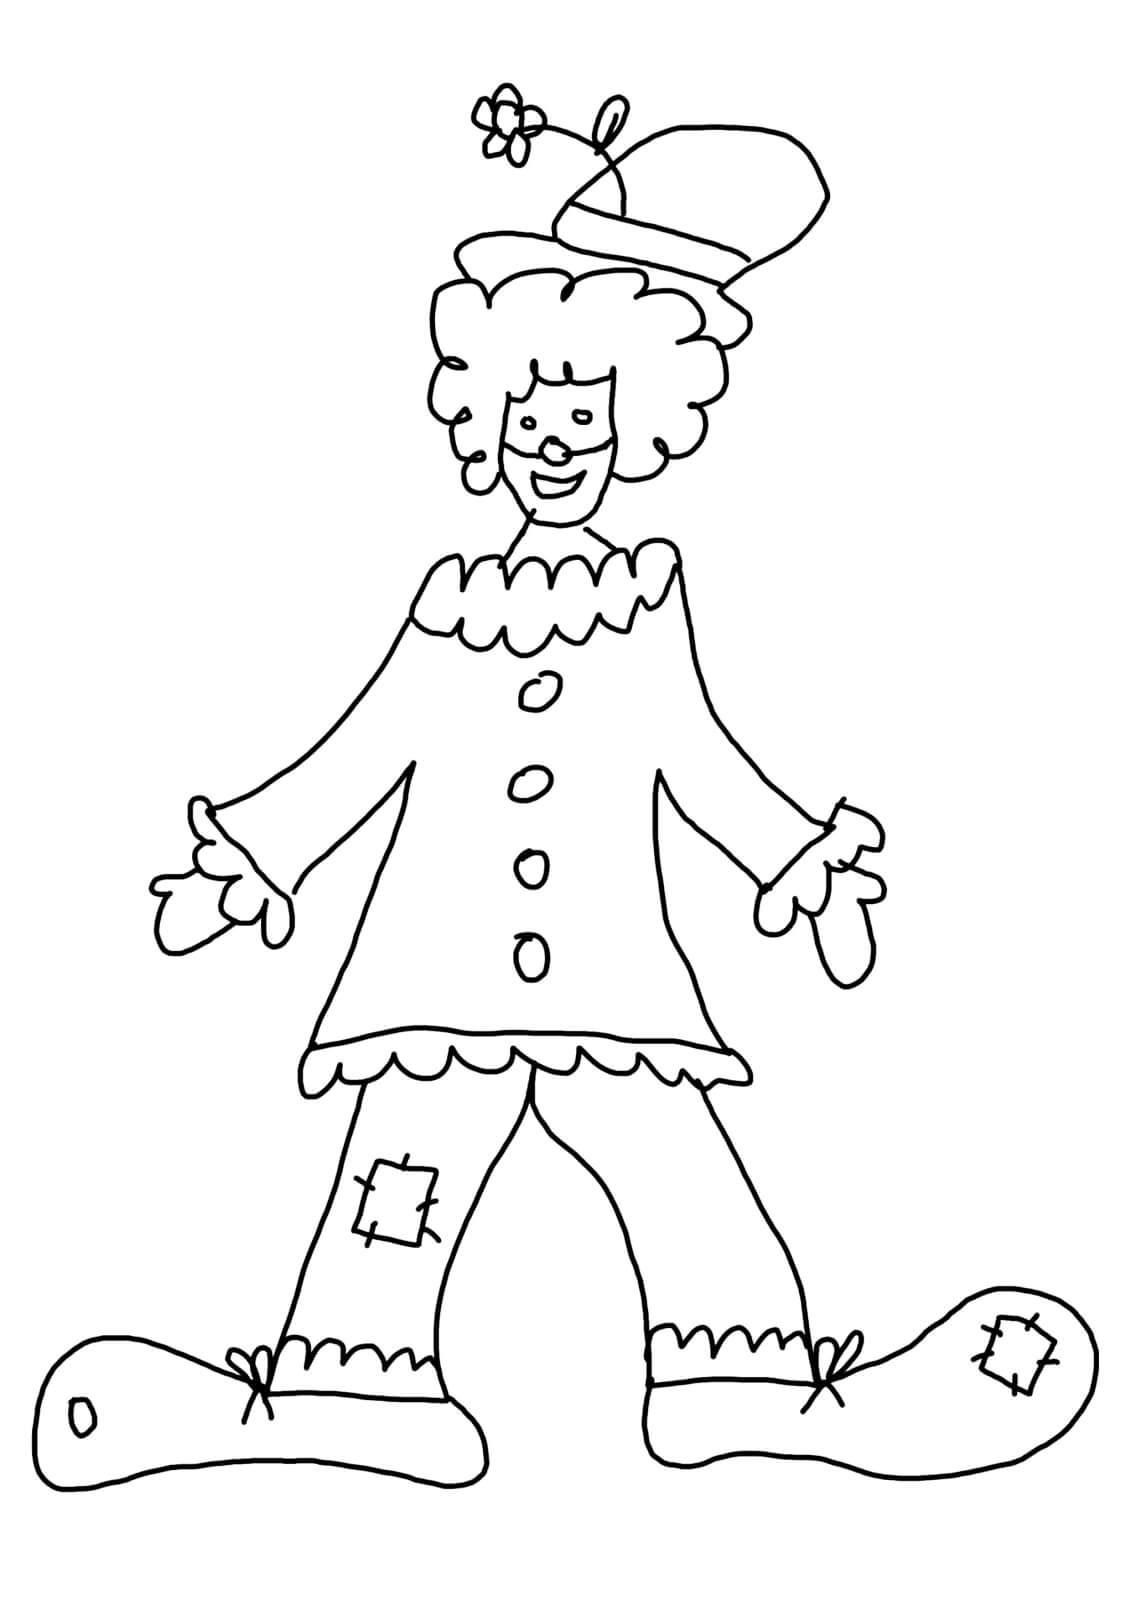 malvorlagen zirkus clown - kostenlos zum ausdrucken